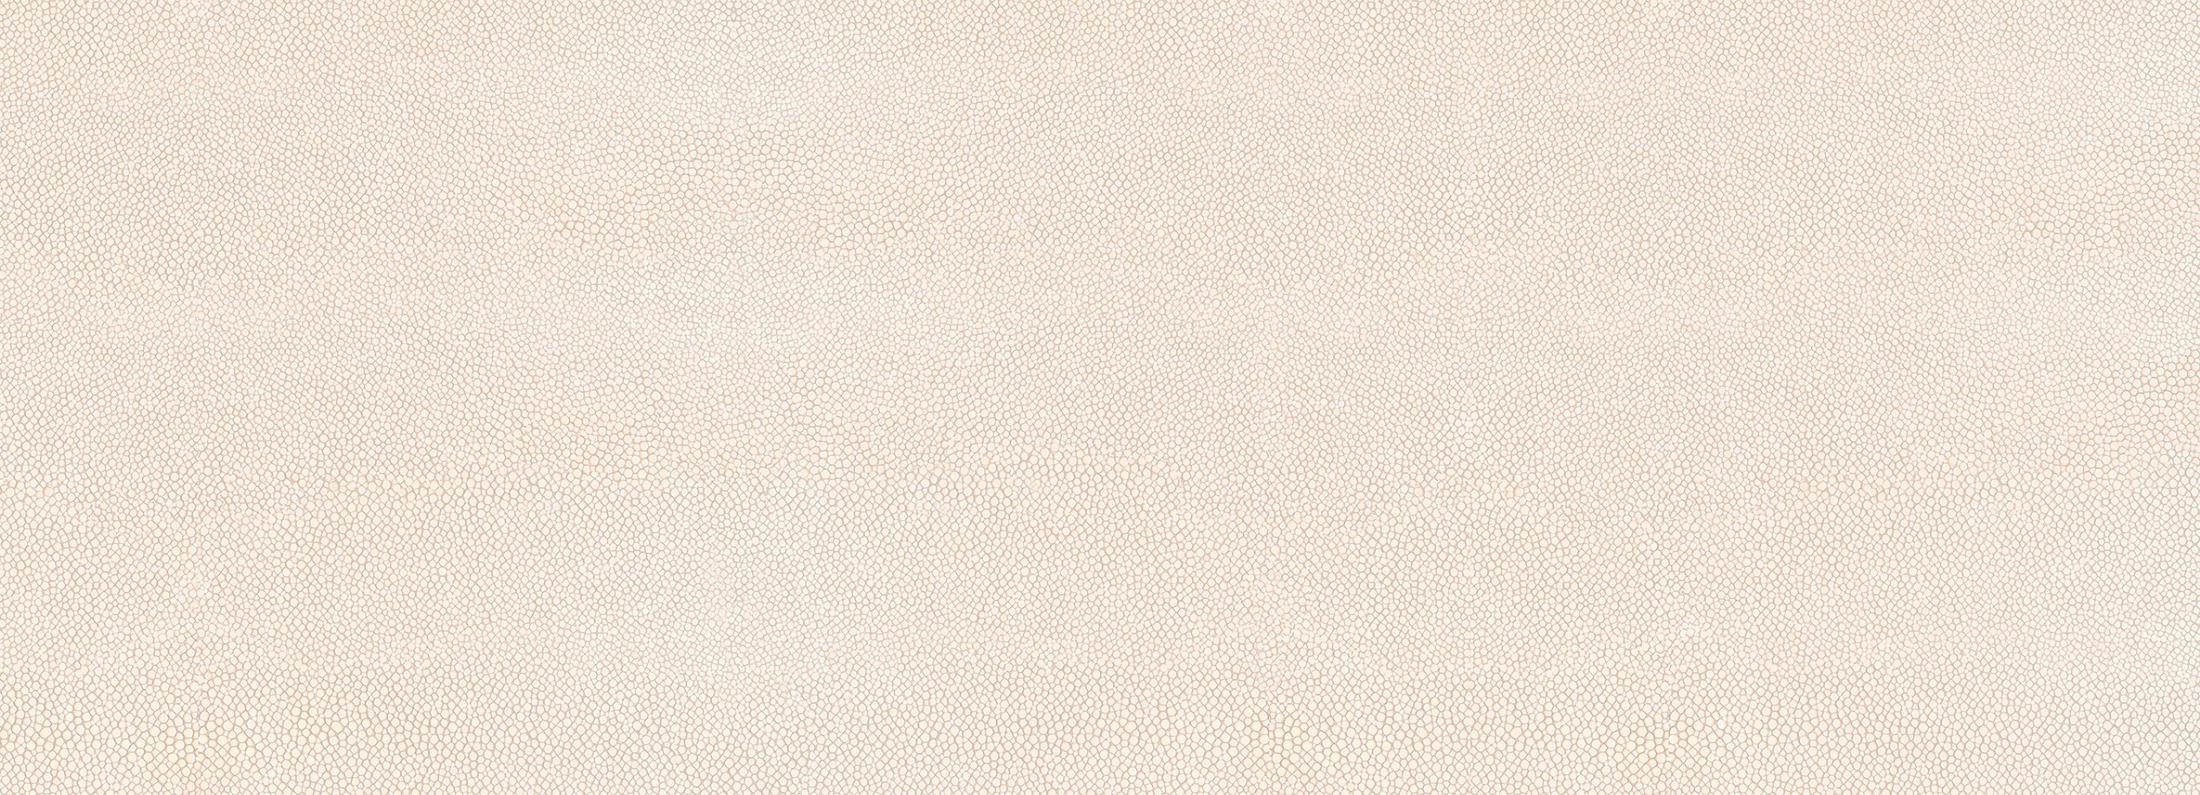 Купить Керамическая плитка AltaСera Stingray Beige WT11STG11 настенная 20x60, Россия